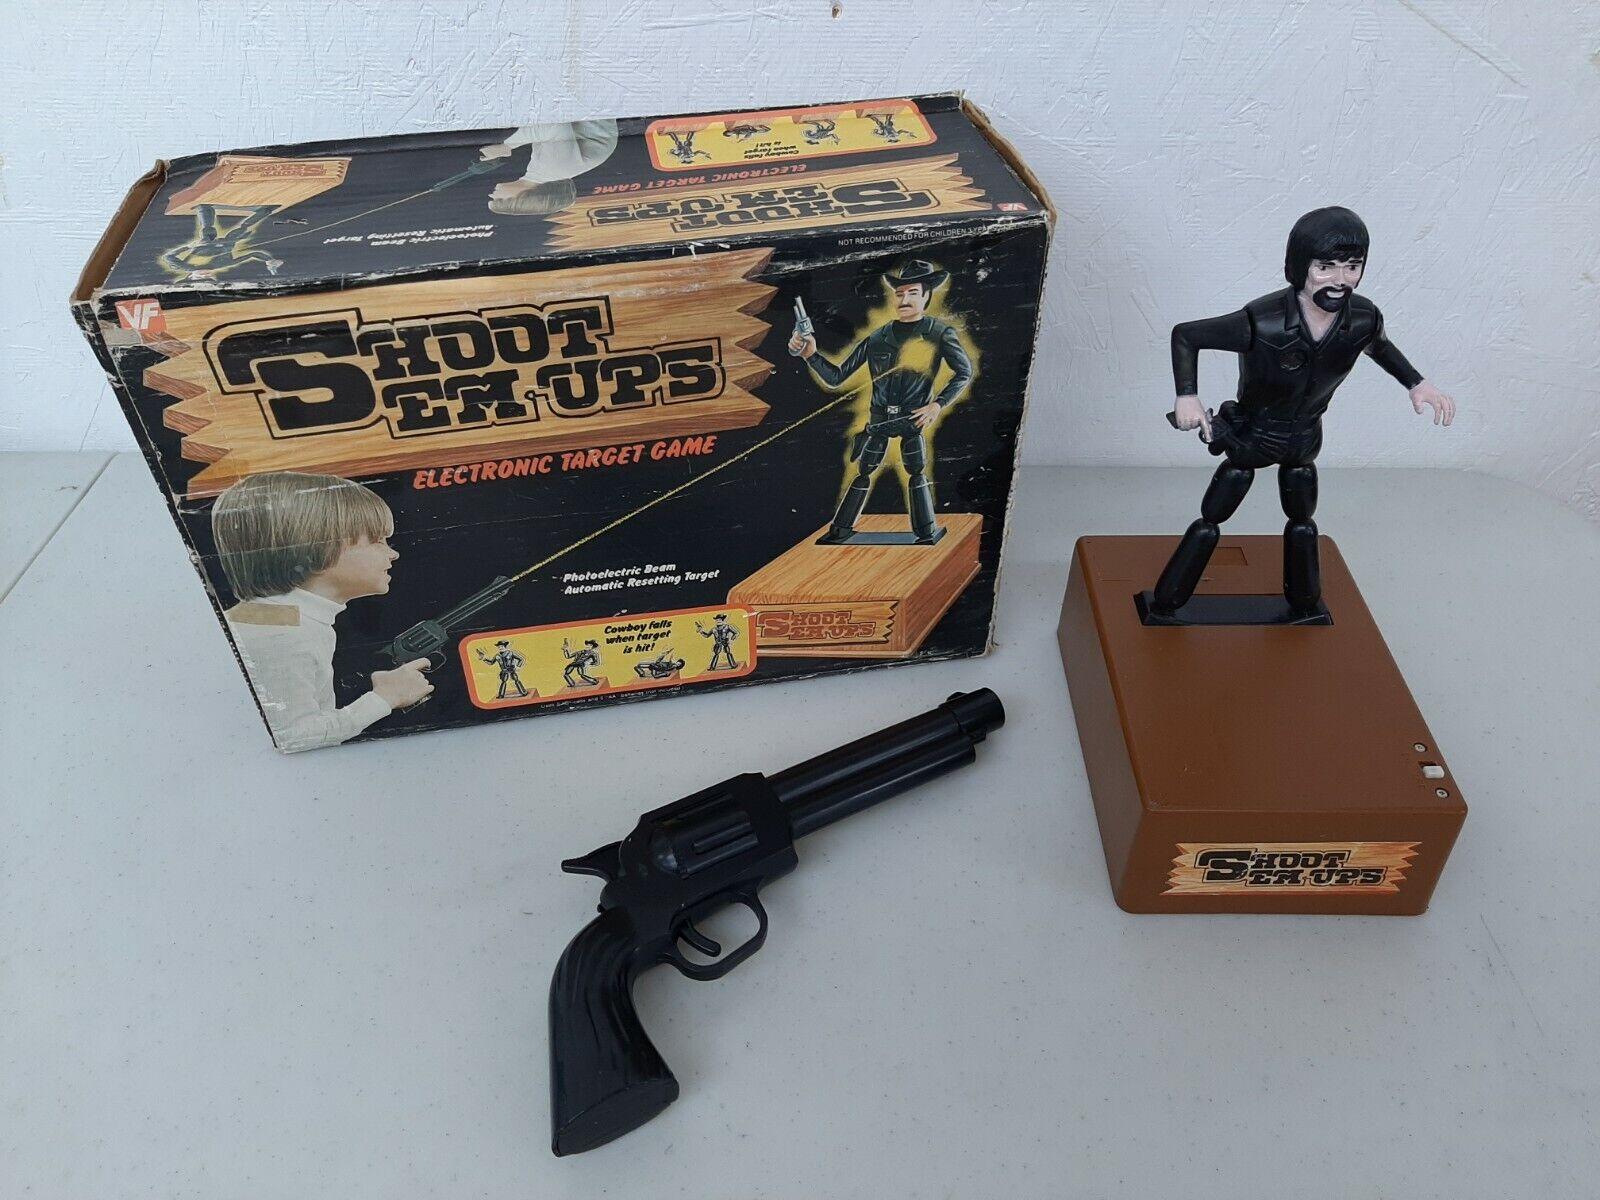 Jahr 1976 Vanity Fair Shoot Em-Ups Cowboy Electronic Target buchstabieren Works Boxed